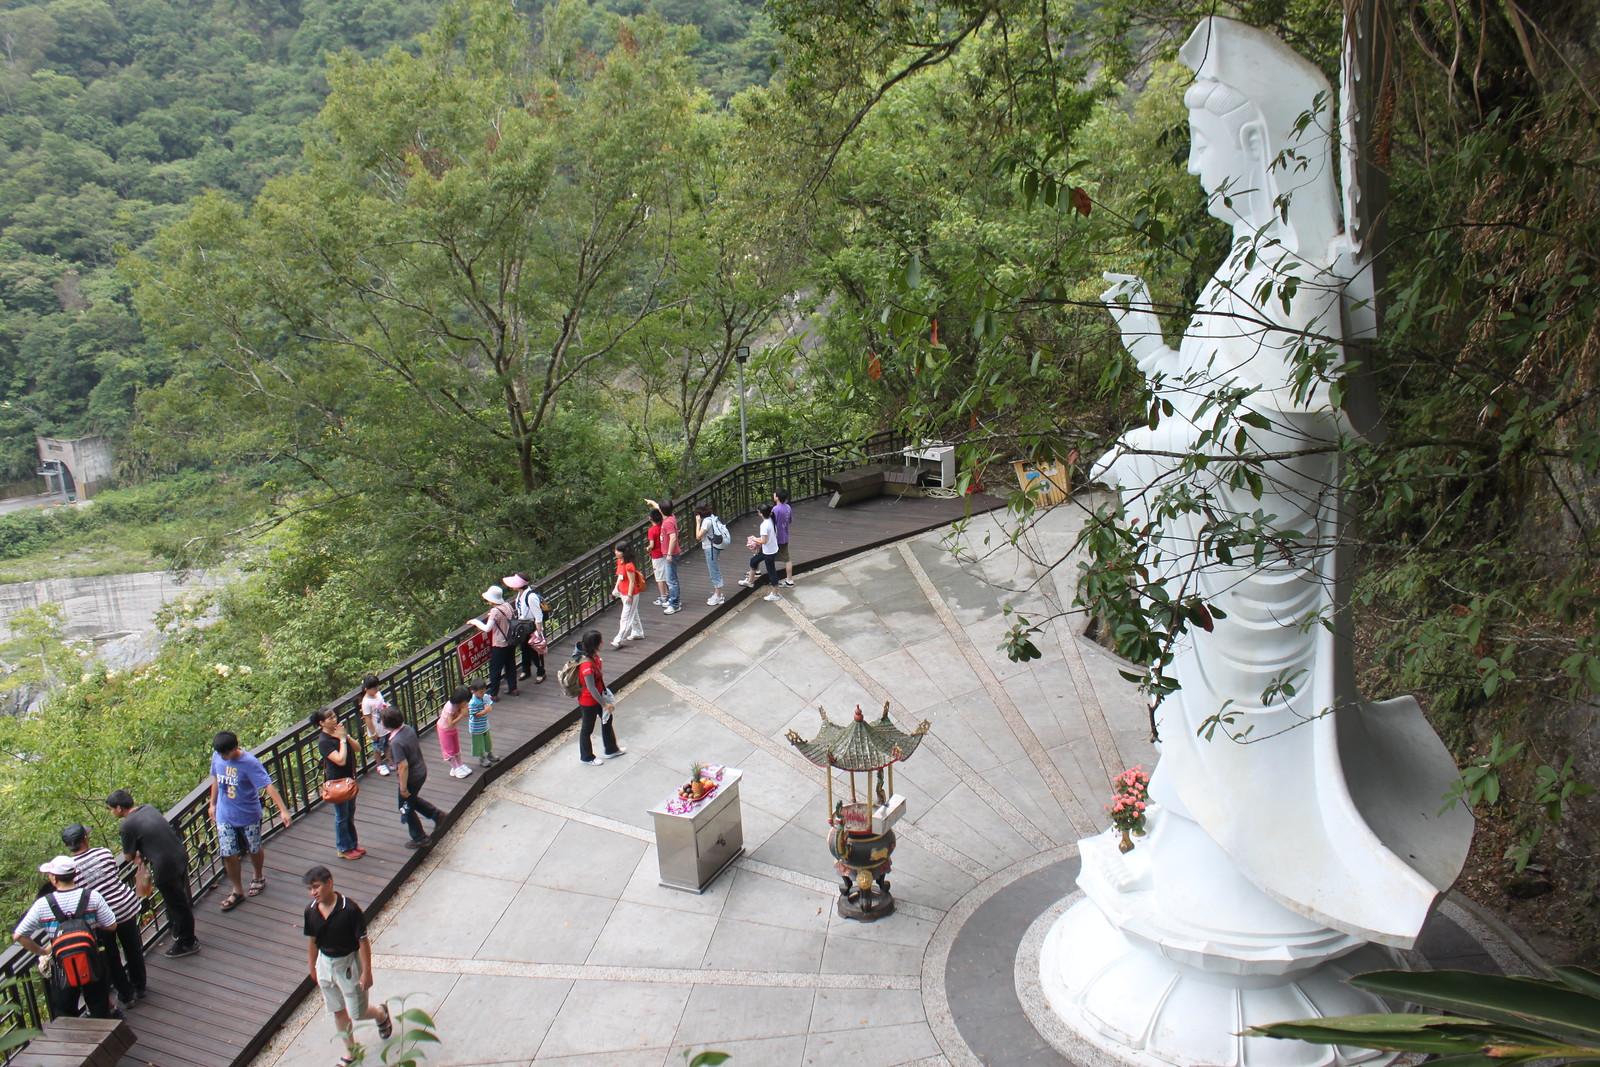 Estatua budista contempla el paisaje